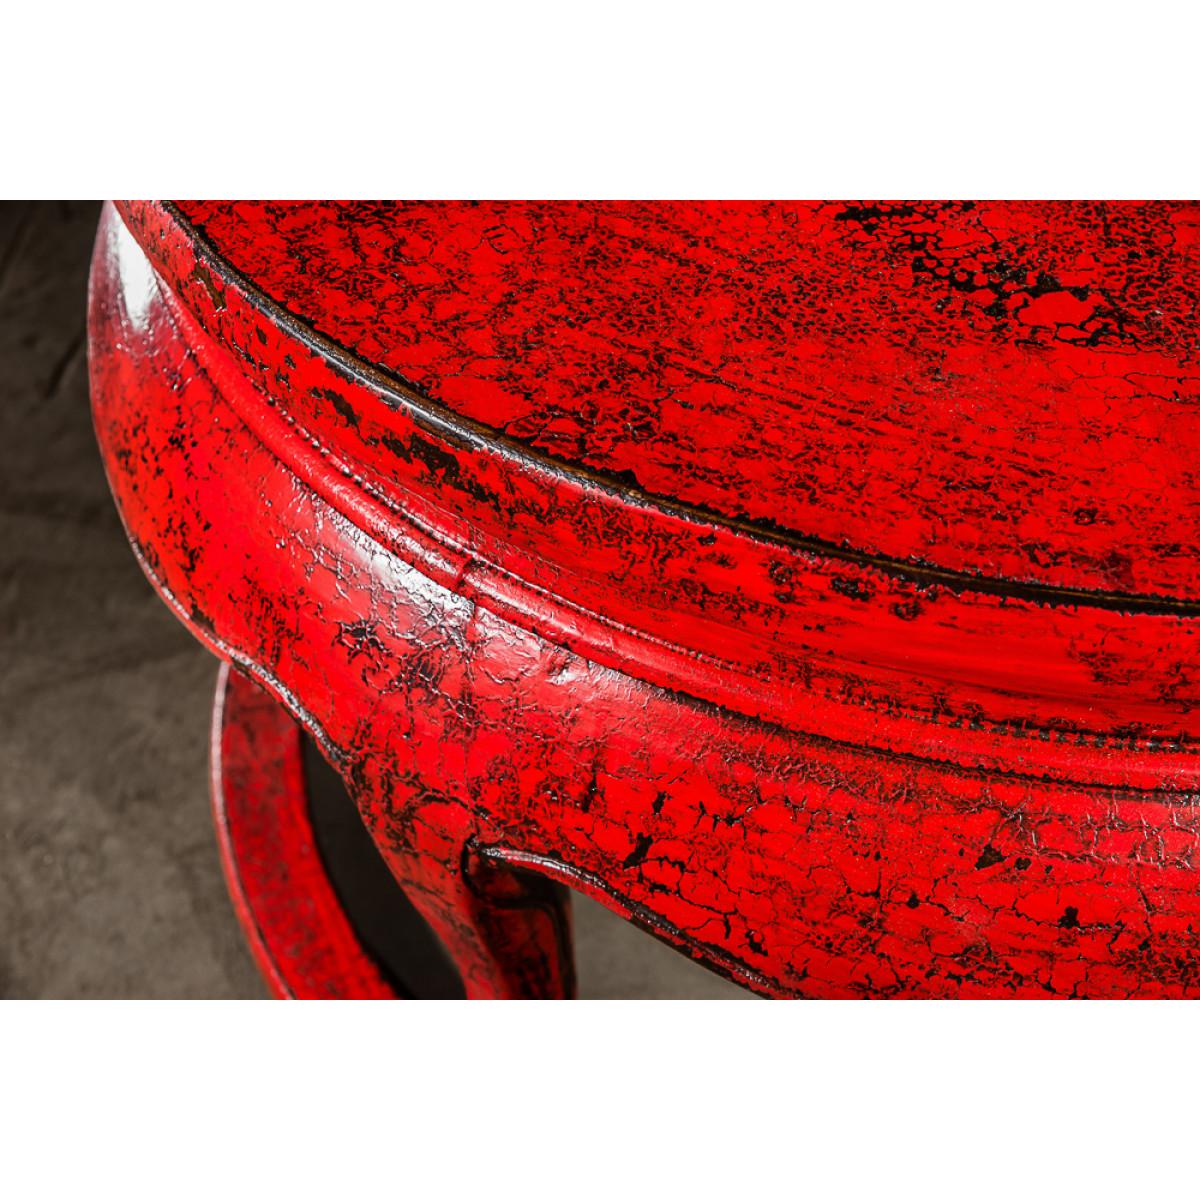 BF-20592 Юань Чжо -традиционный столик красного цвета. Династия Цин